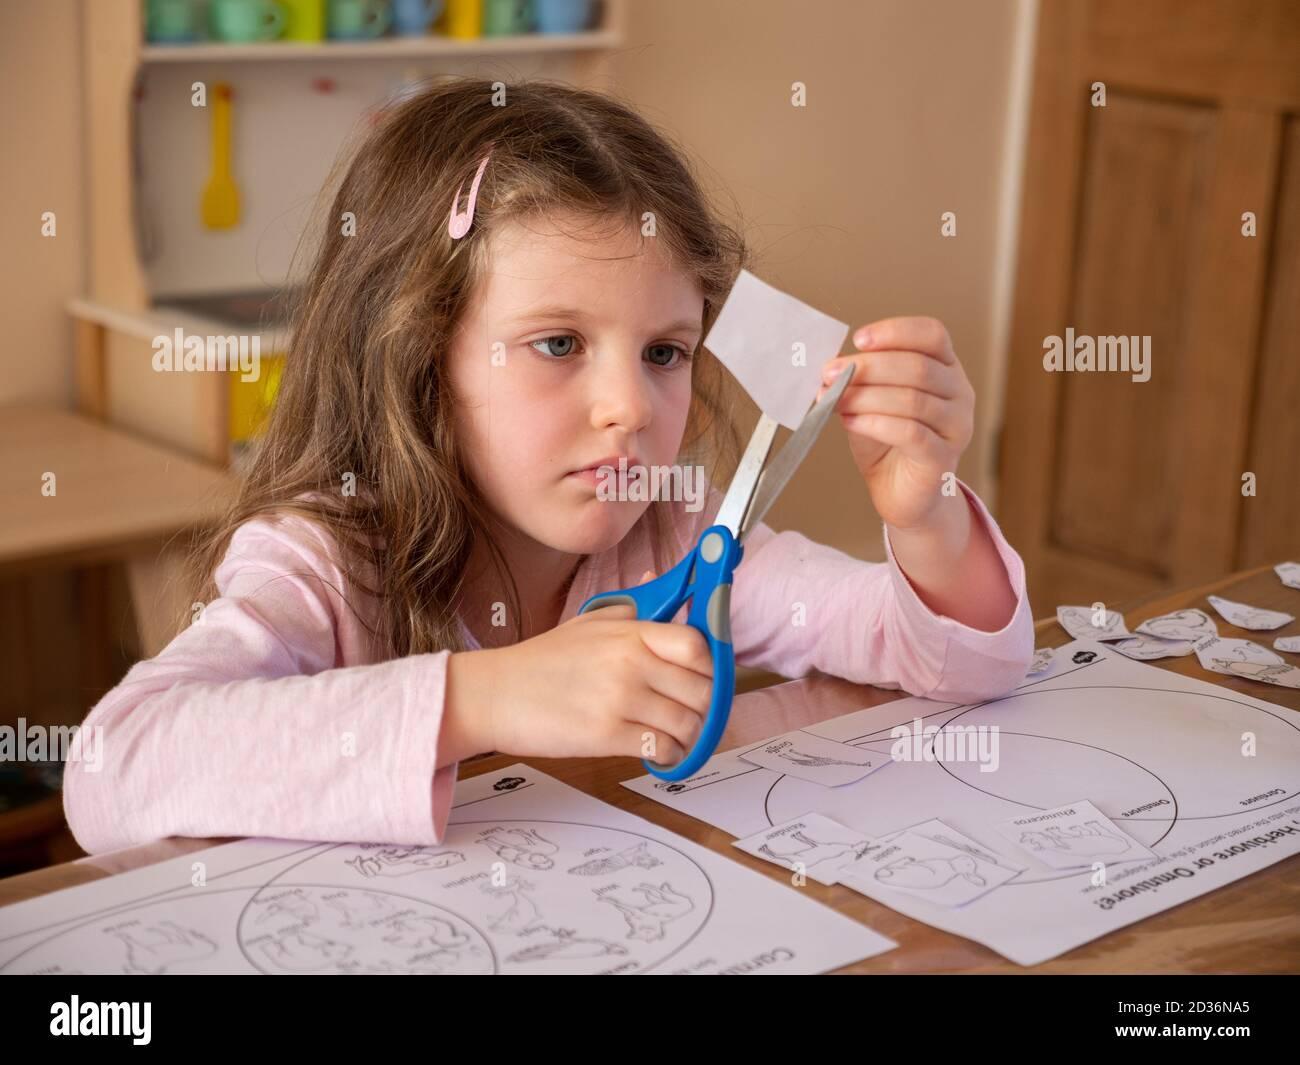 Jeune fille de six ans utilisant des ciseaux pour couper des photos sur papier pour ses devoirs à l'école à la maison, au Royaume-Uni Banque D'Images